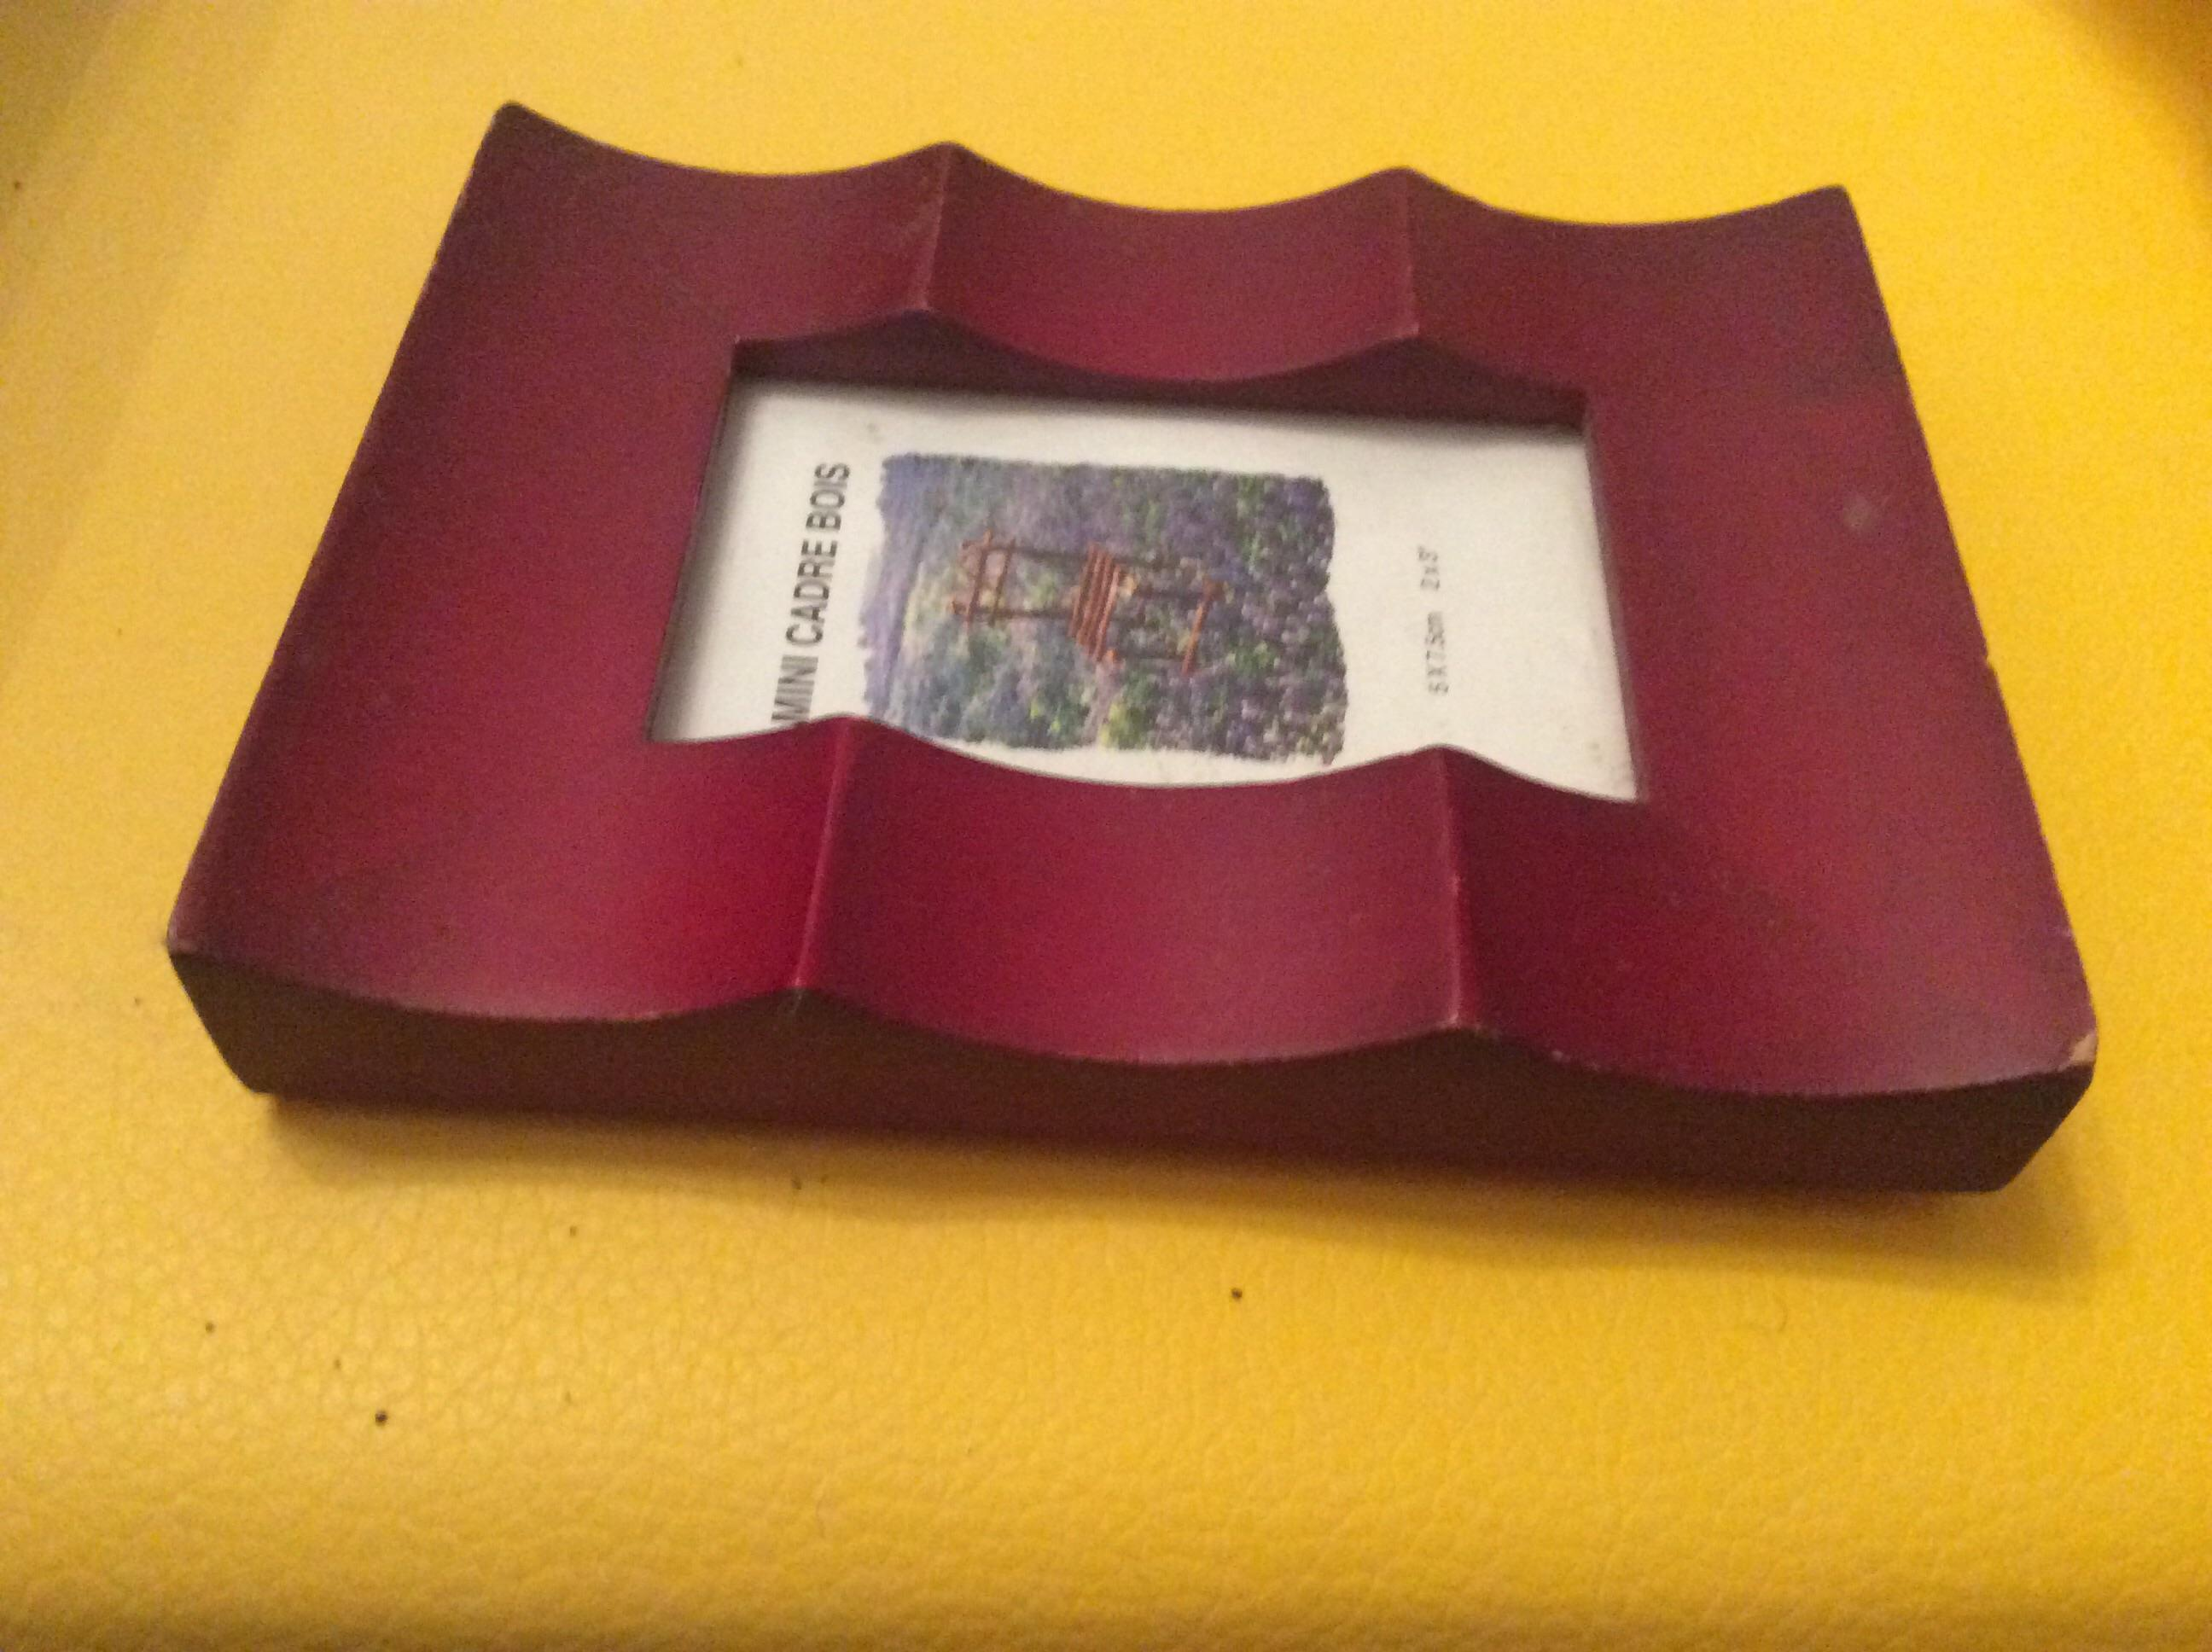 troc de troc mini cadre bois 5 cm sur 7,5cm des années 90 image 1